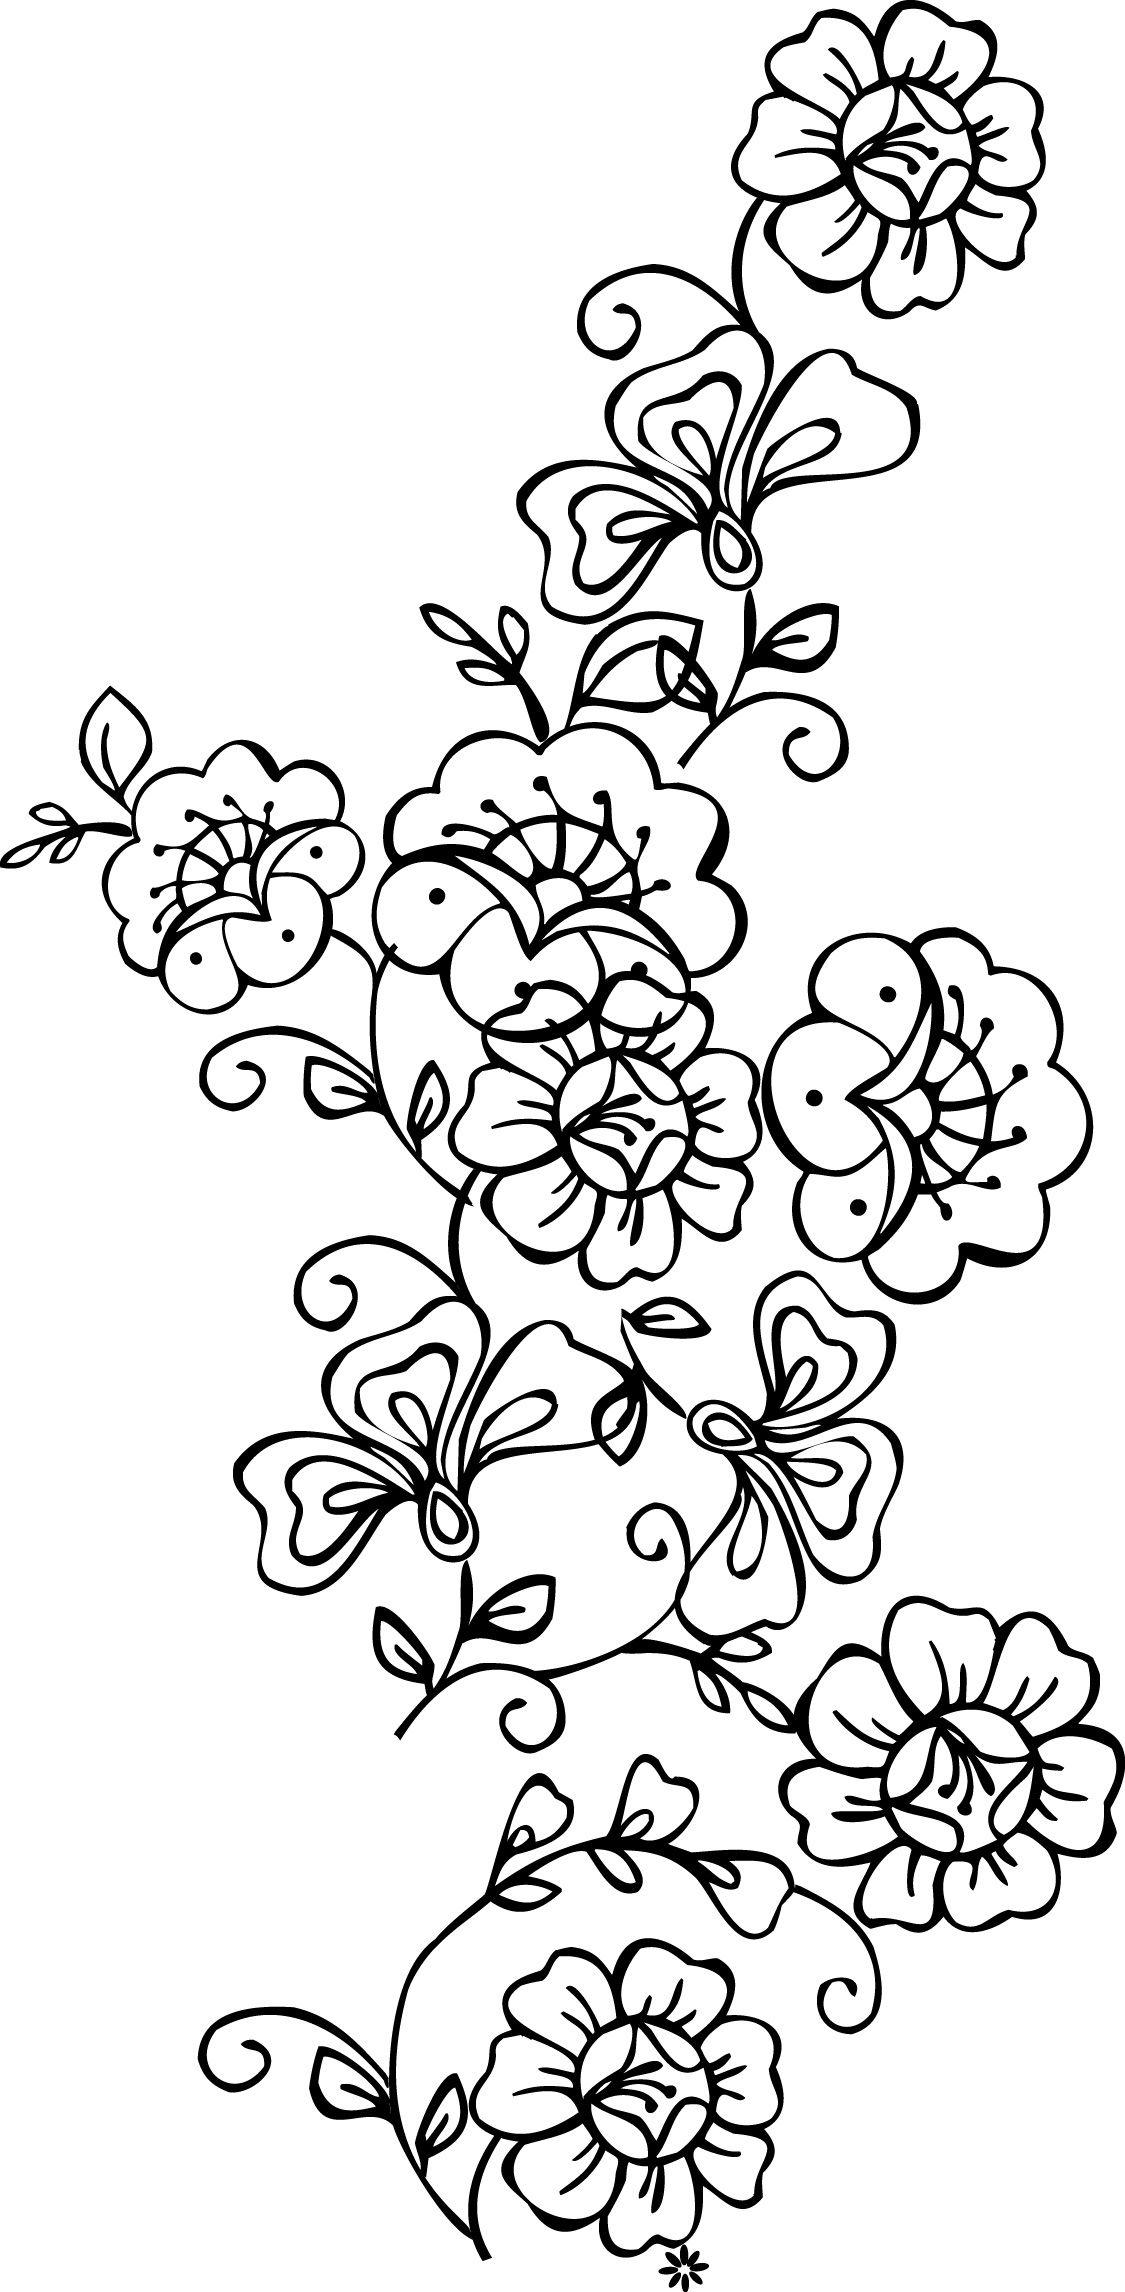 Free Printable Stencils Of Trees | Stencils Designs Free Printable - Free Printable Lace Stencil